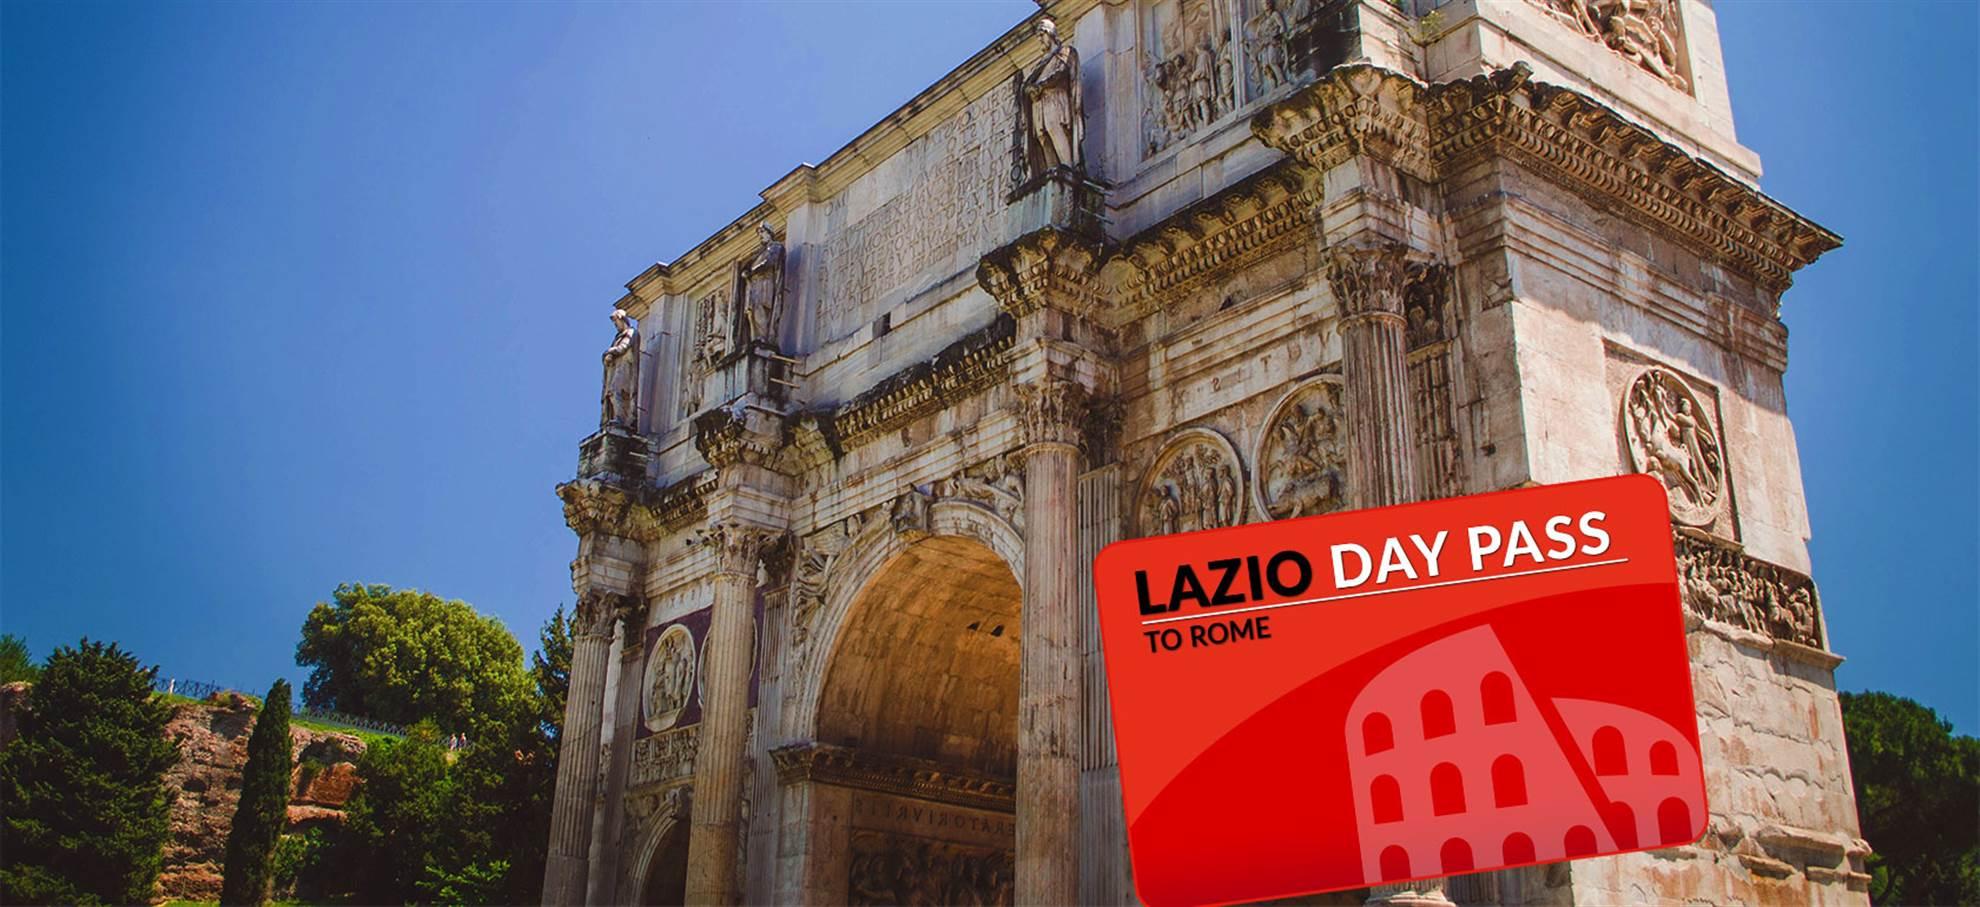 Проездной билет на один день Лацио – Рим